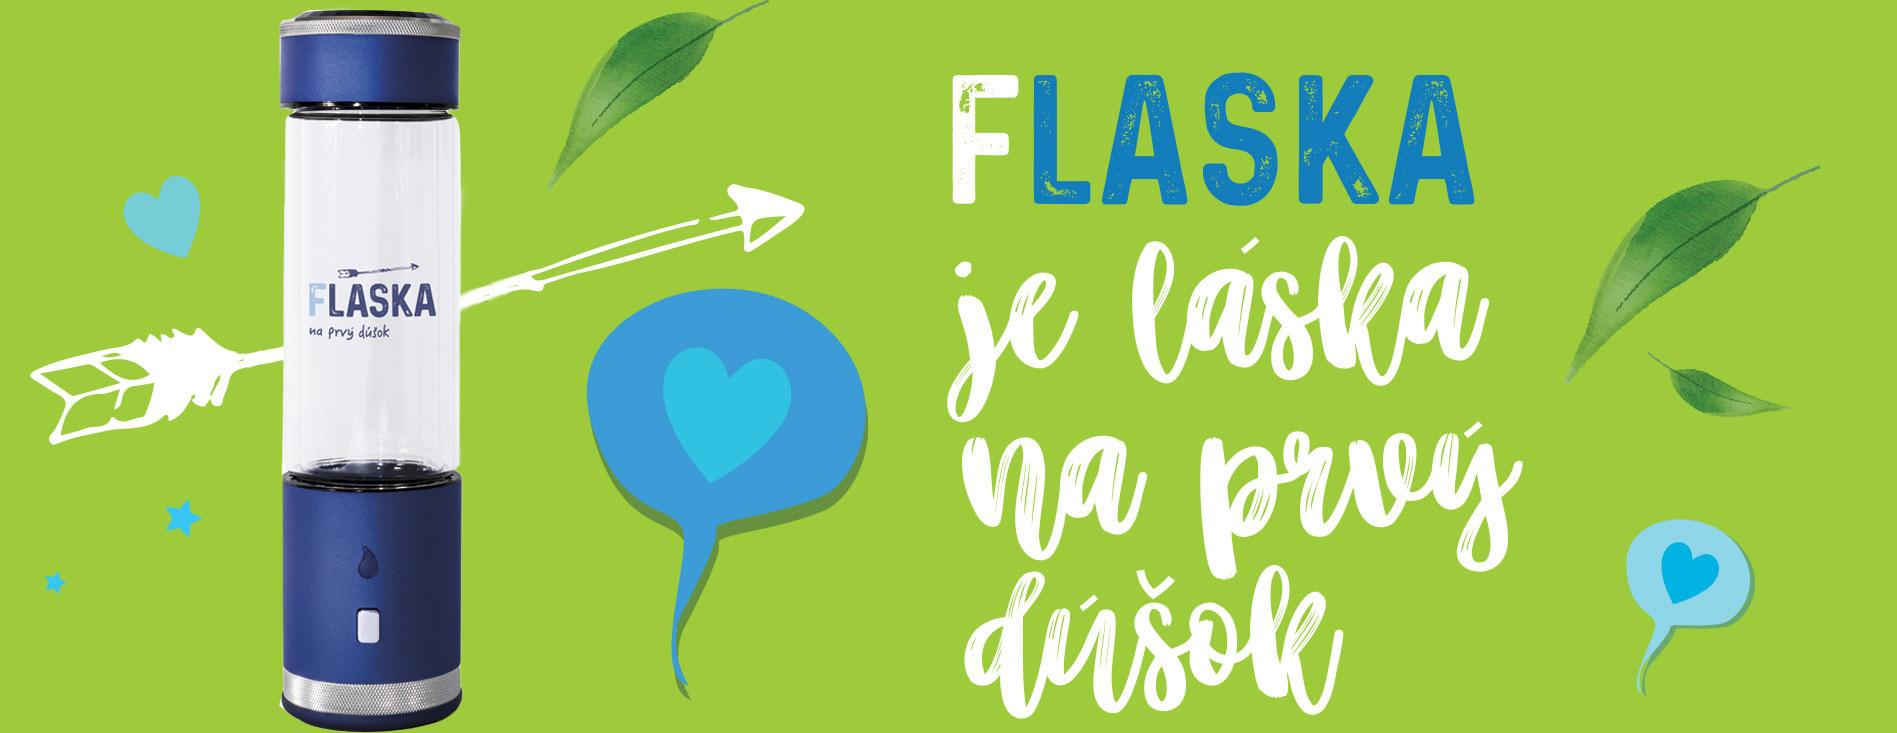 FLASKA je láska na prvý dúšok